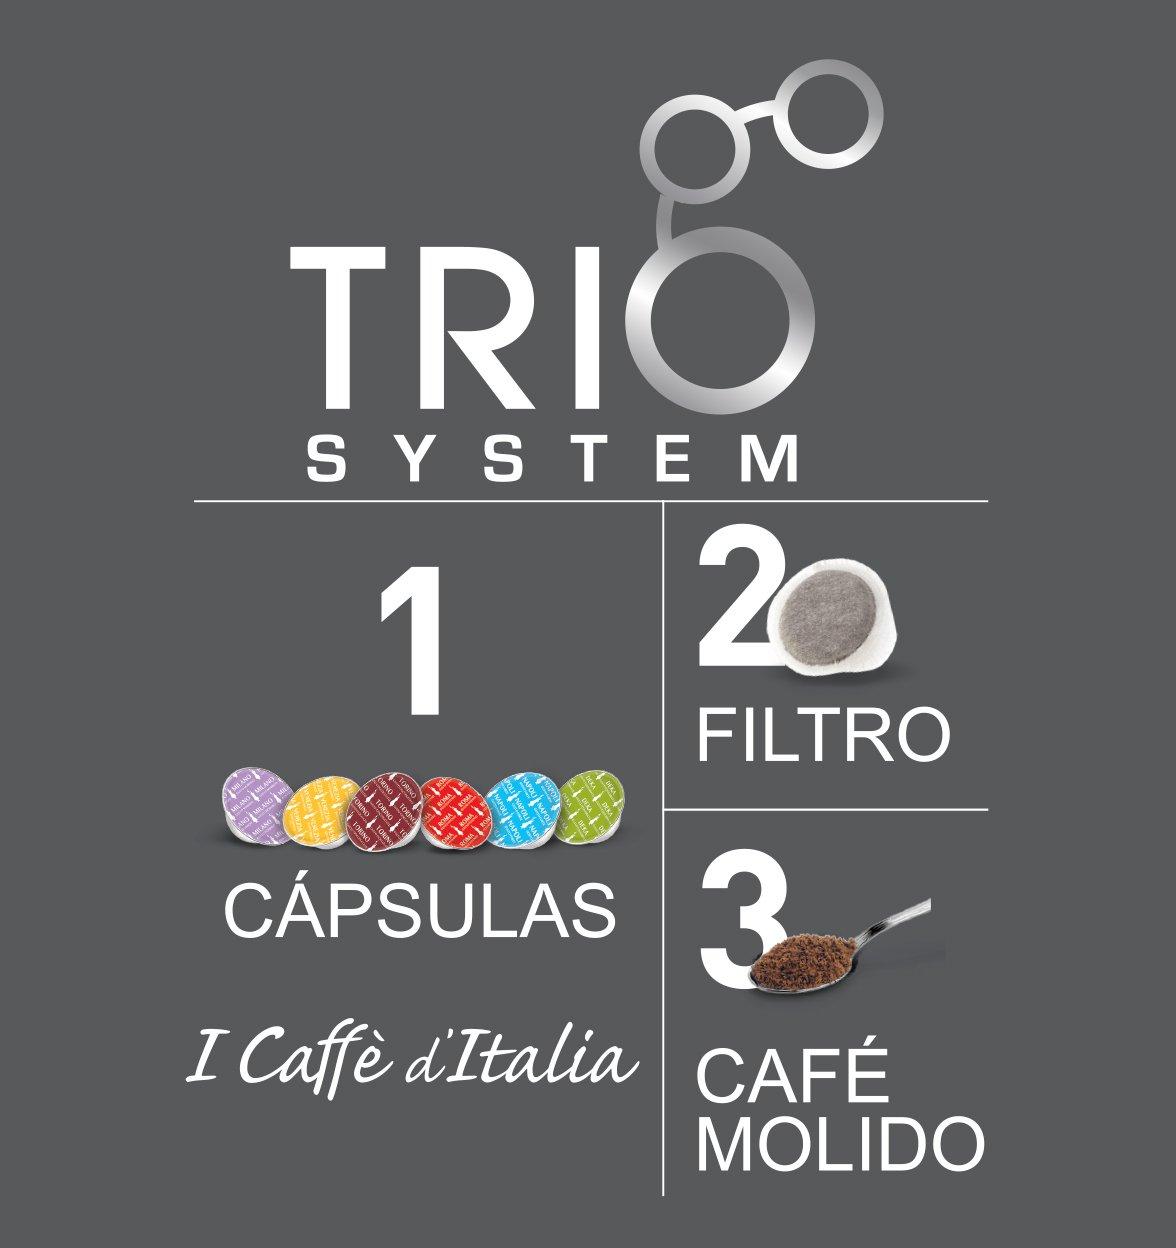 Mokona cafetera eléctrica Bialetti TRIO SYSTEM